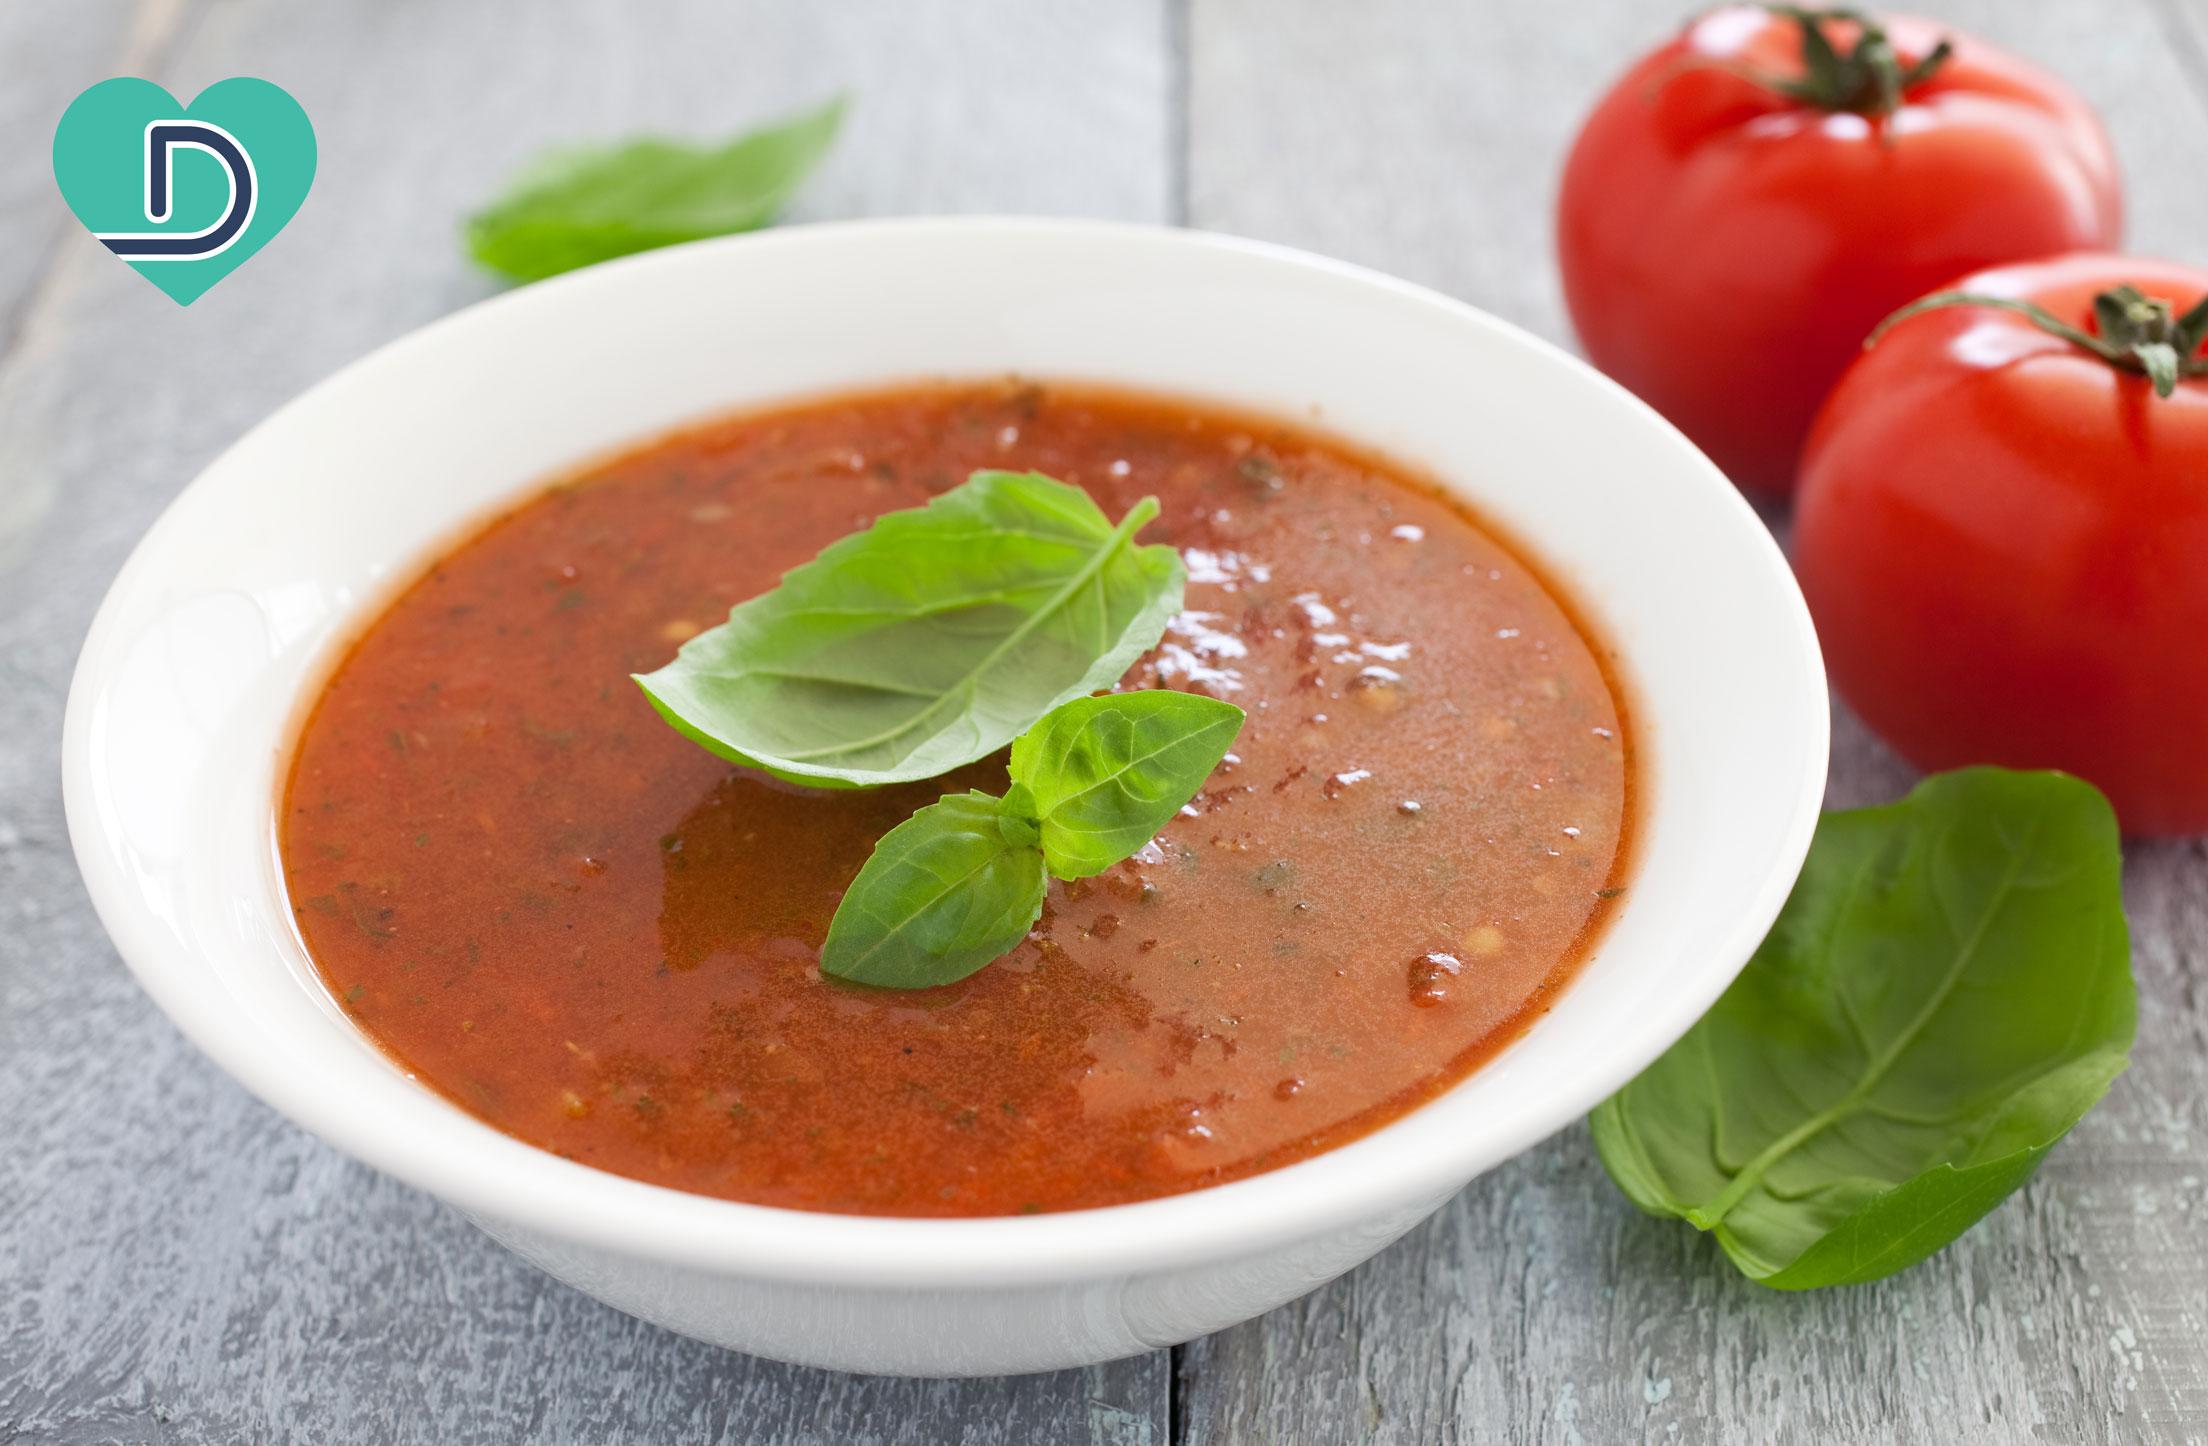 Dr. Dave's Vegan Tomato Basil Soup